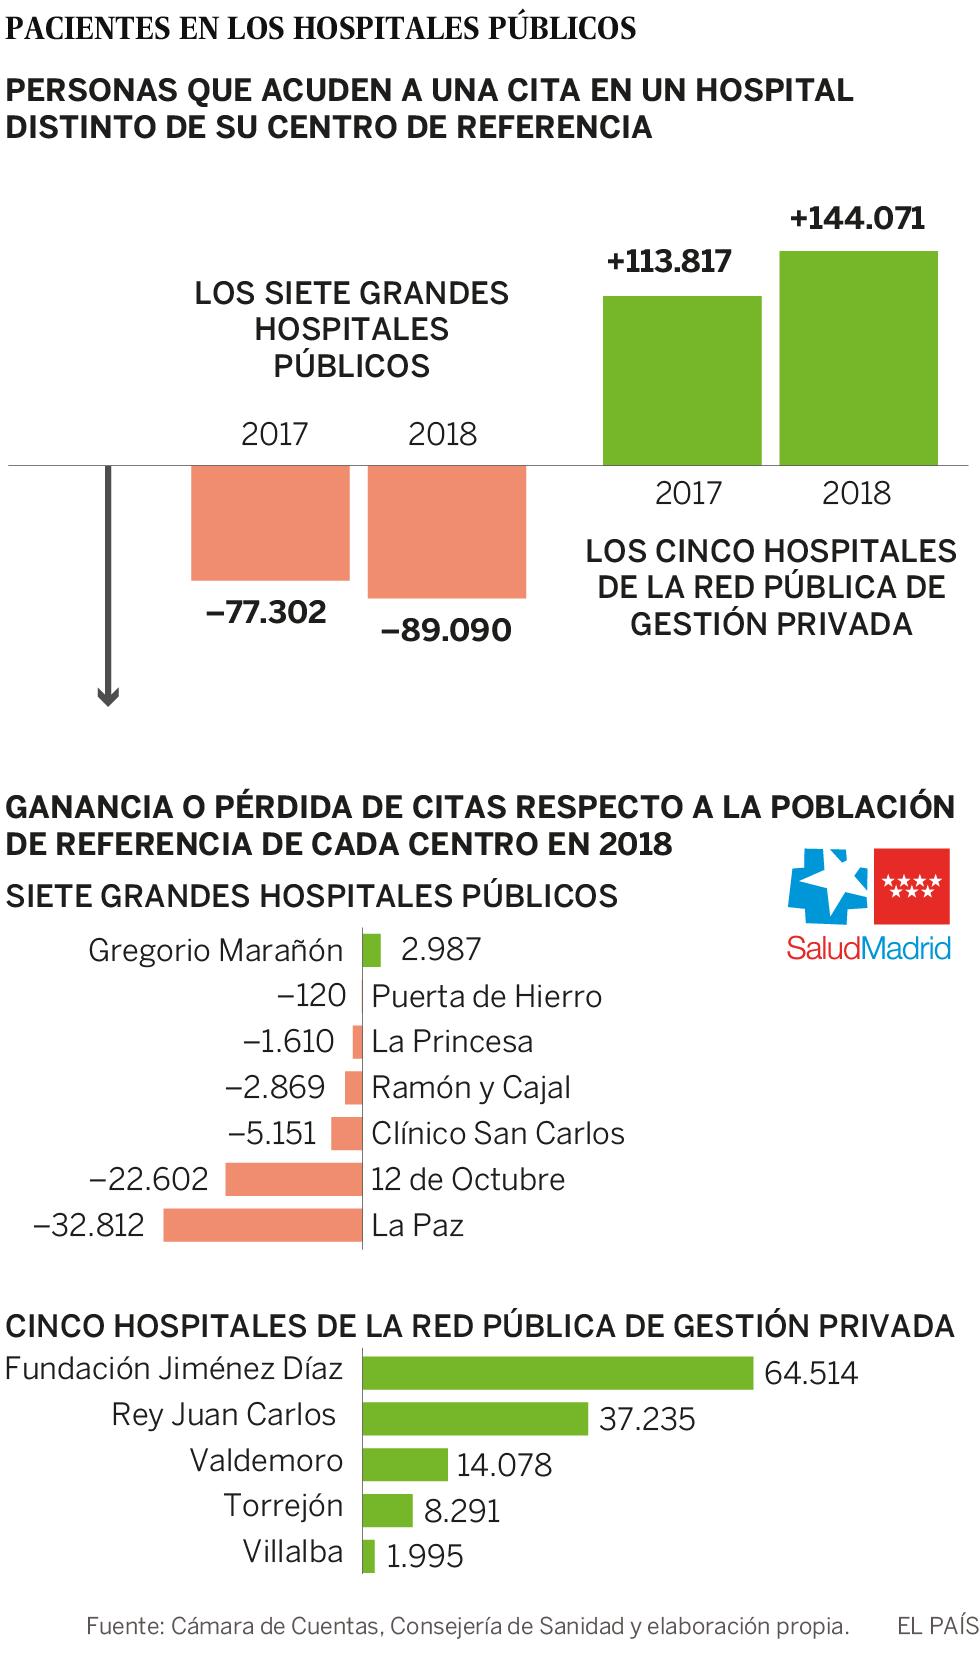 La libre elección engorda el negocio de los hospitales de gestión privada en Madrid